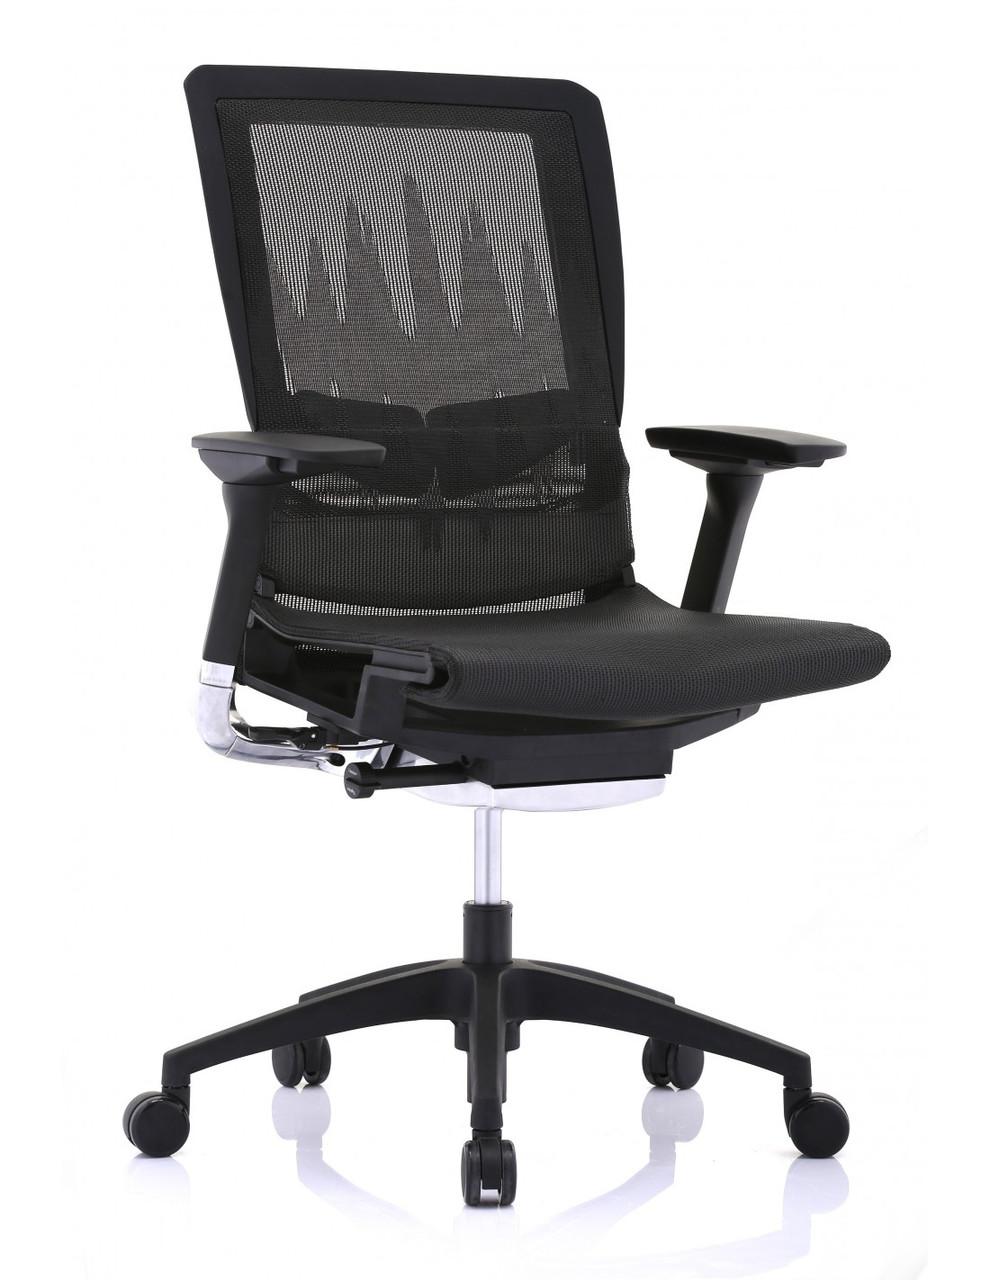 Эргономичное кресло Comfort Seating Polse (PS-AB-LAM)